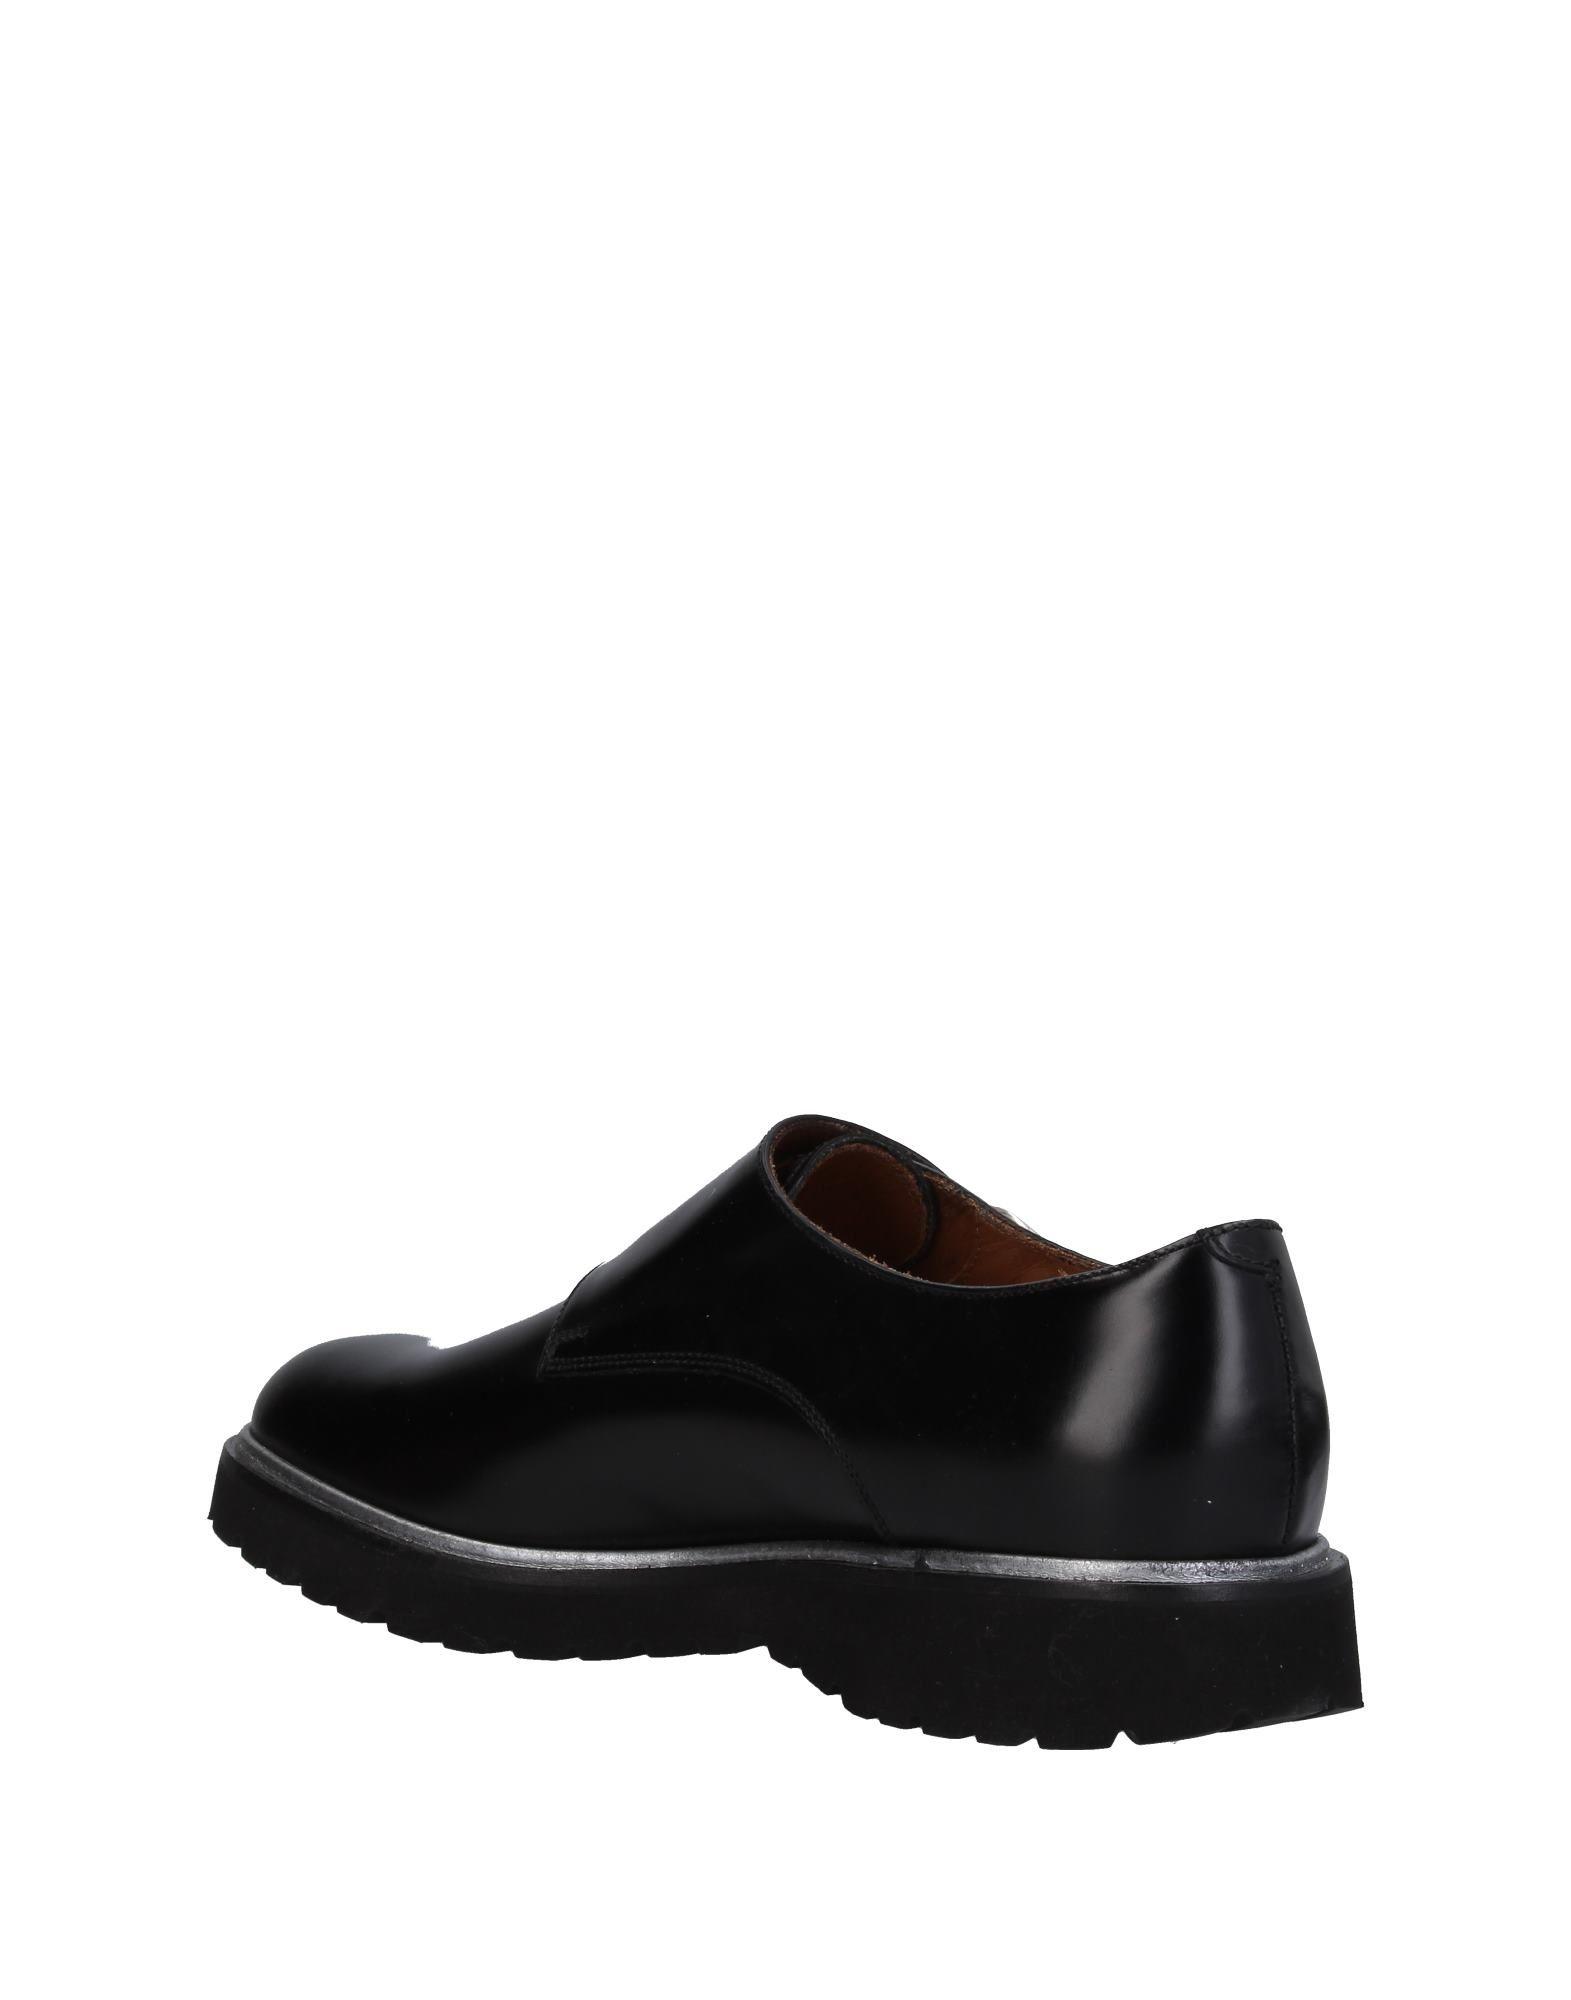 Doucal's Mokassins Damen  11365955RF Heiße Schuhe Schuhe Schuhe c068f7